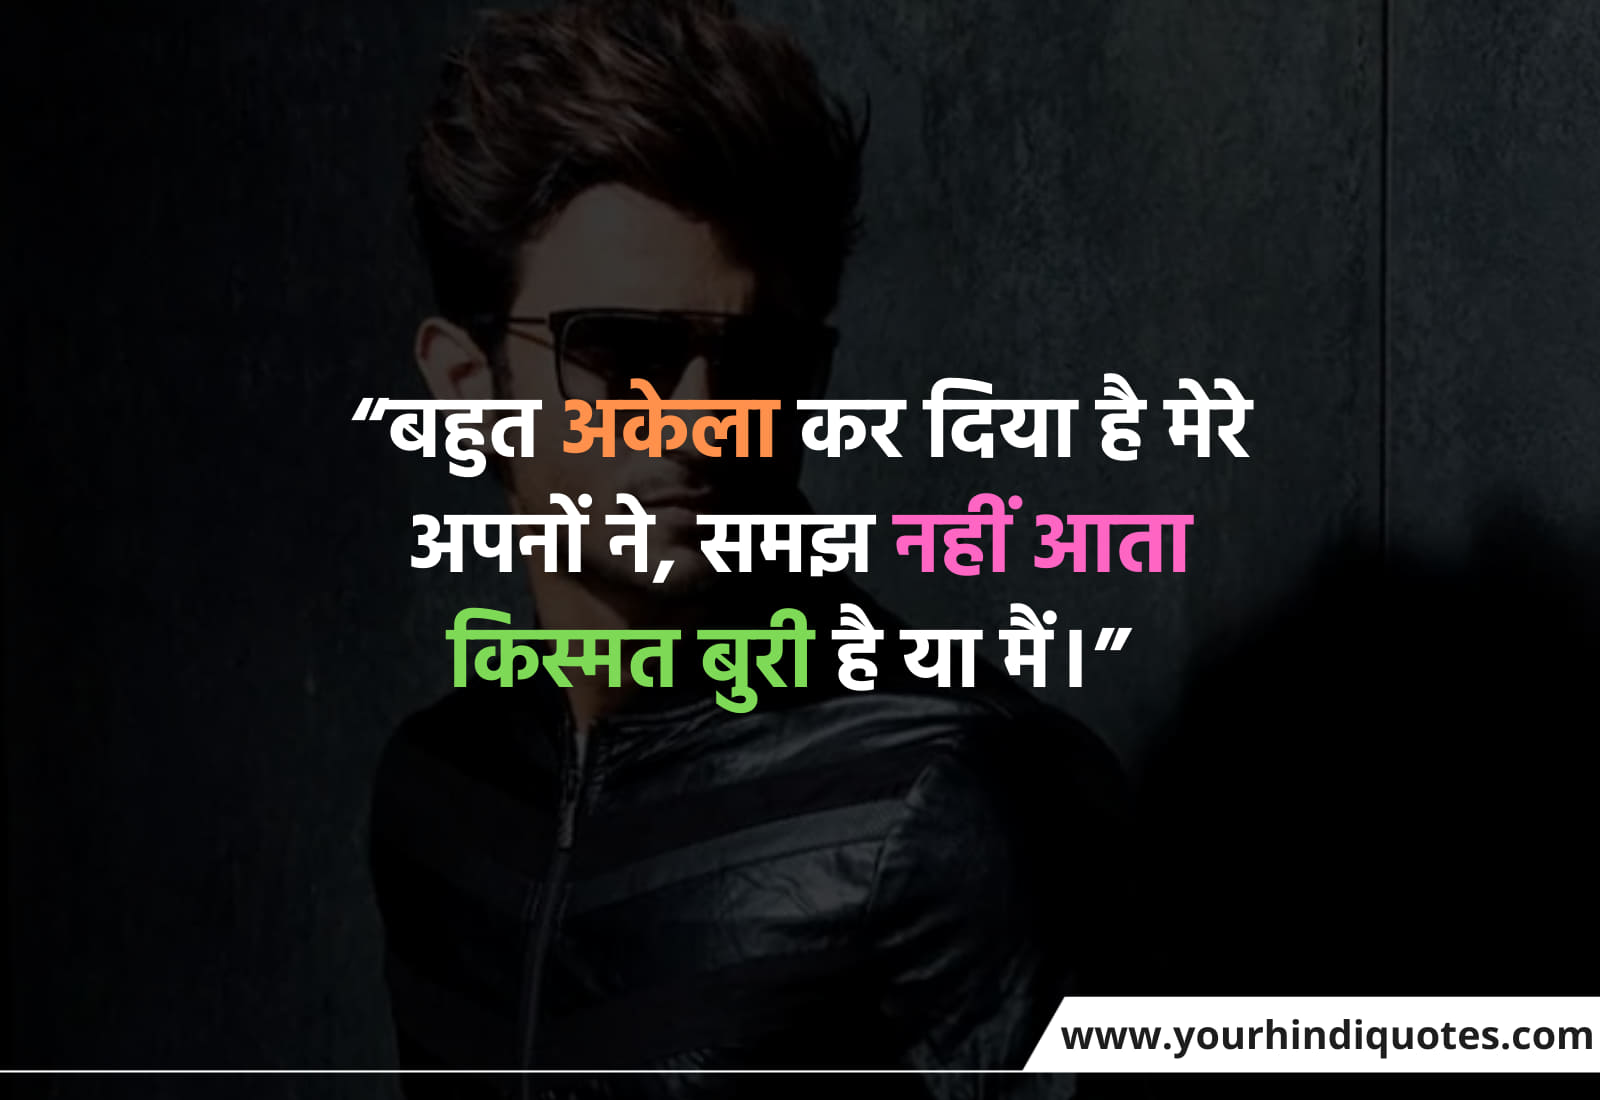 Hindi Emotional Quotes